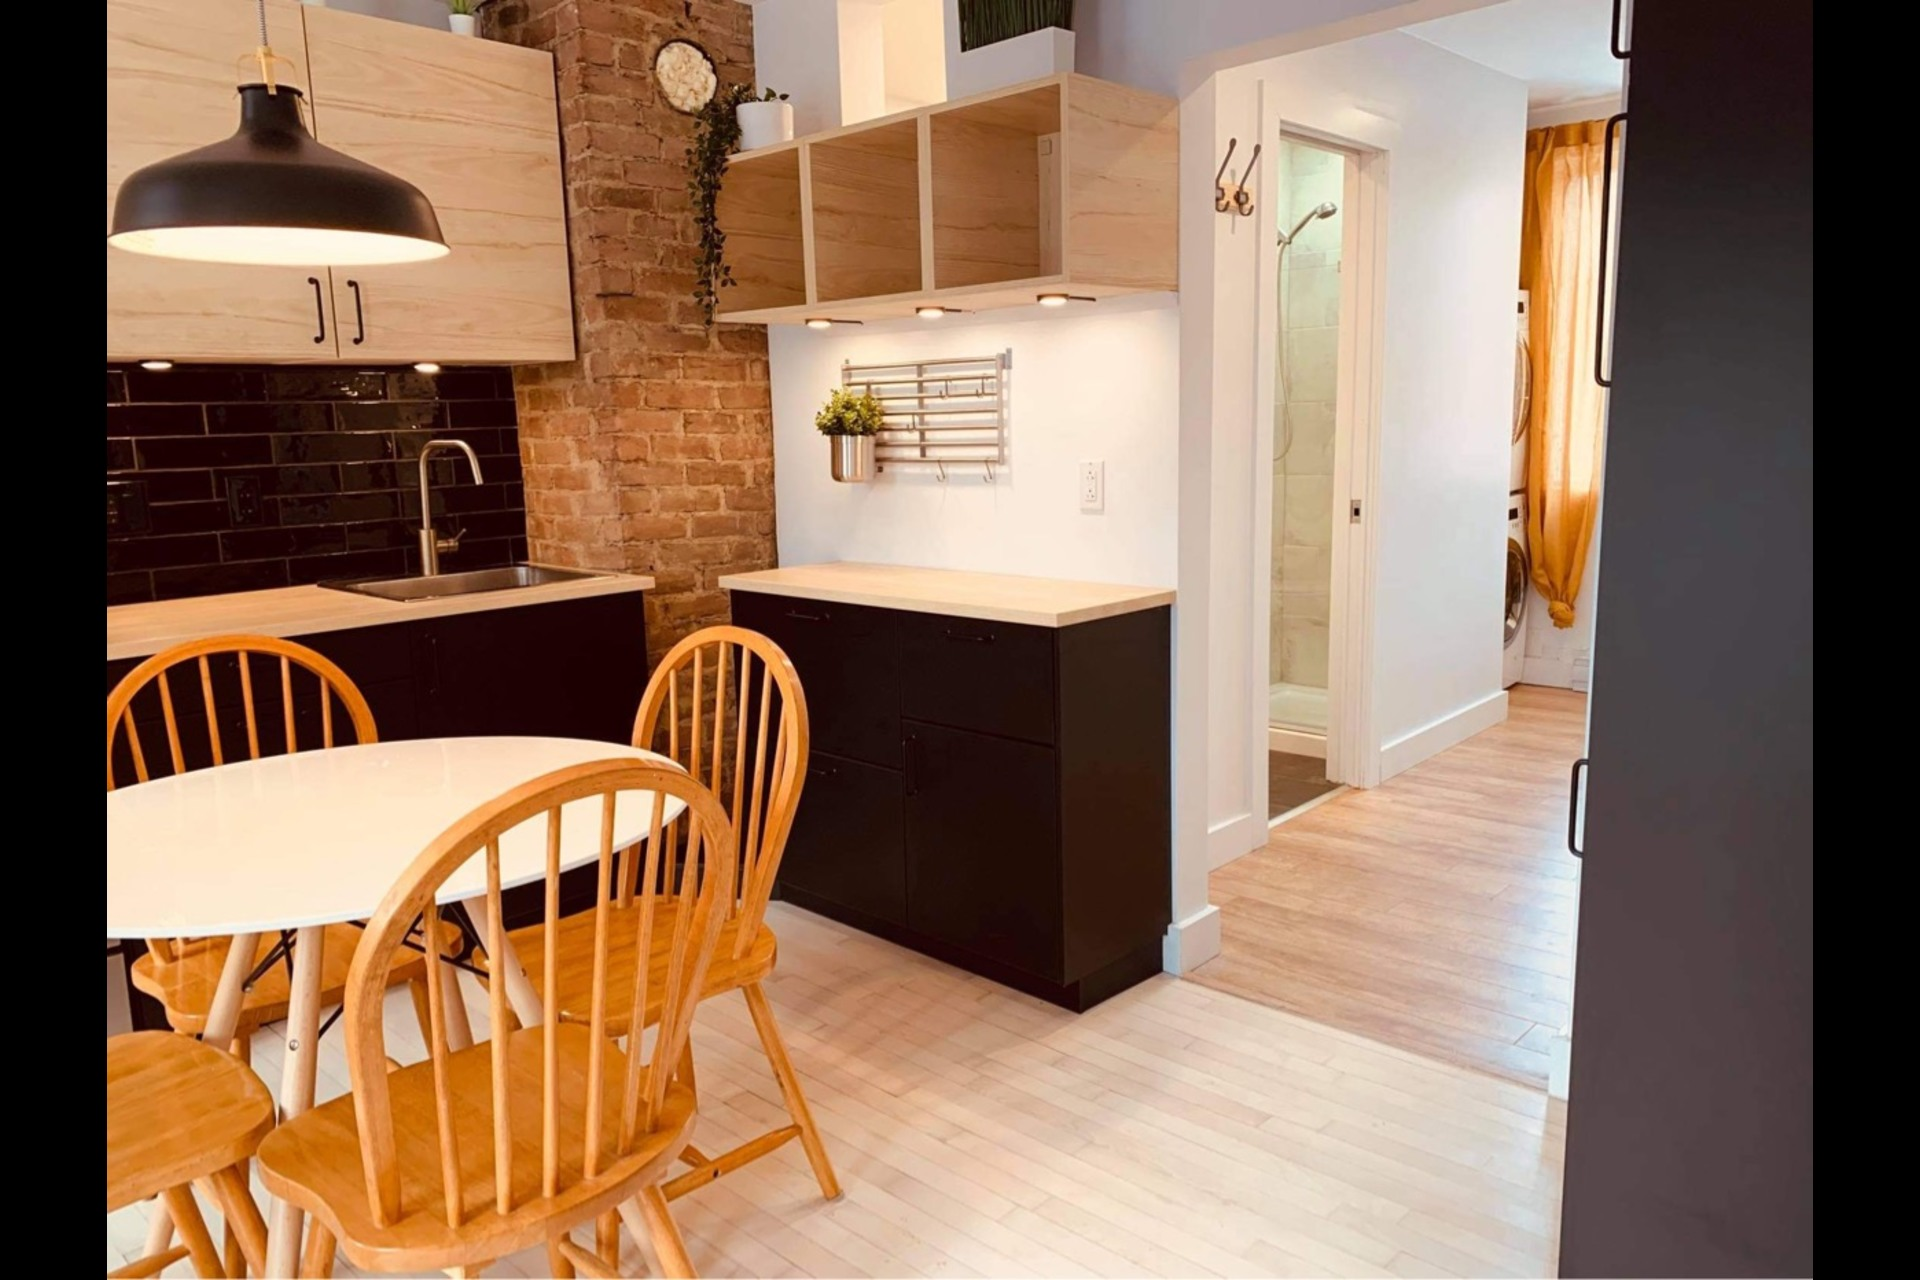 image 4 - Apartment For rent Montréal - 3 rooms